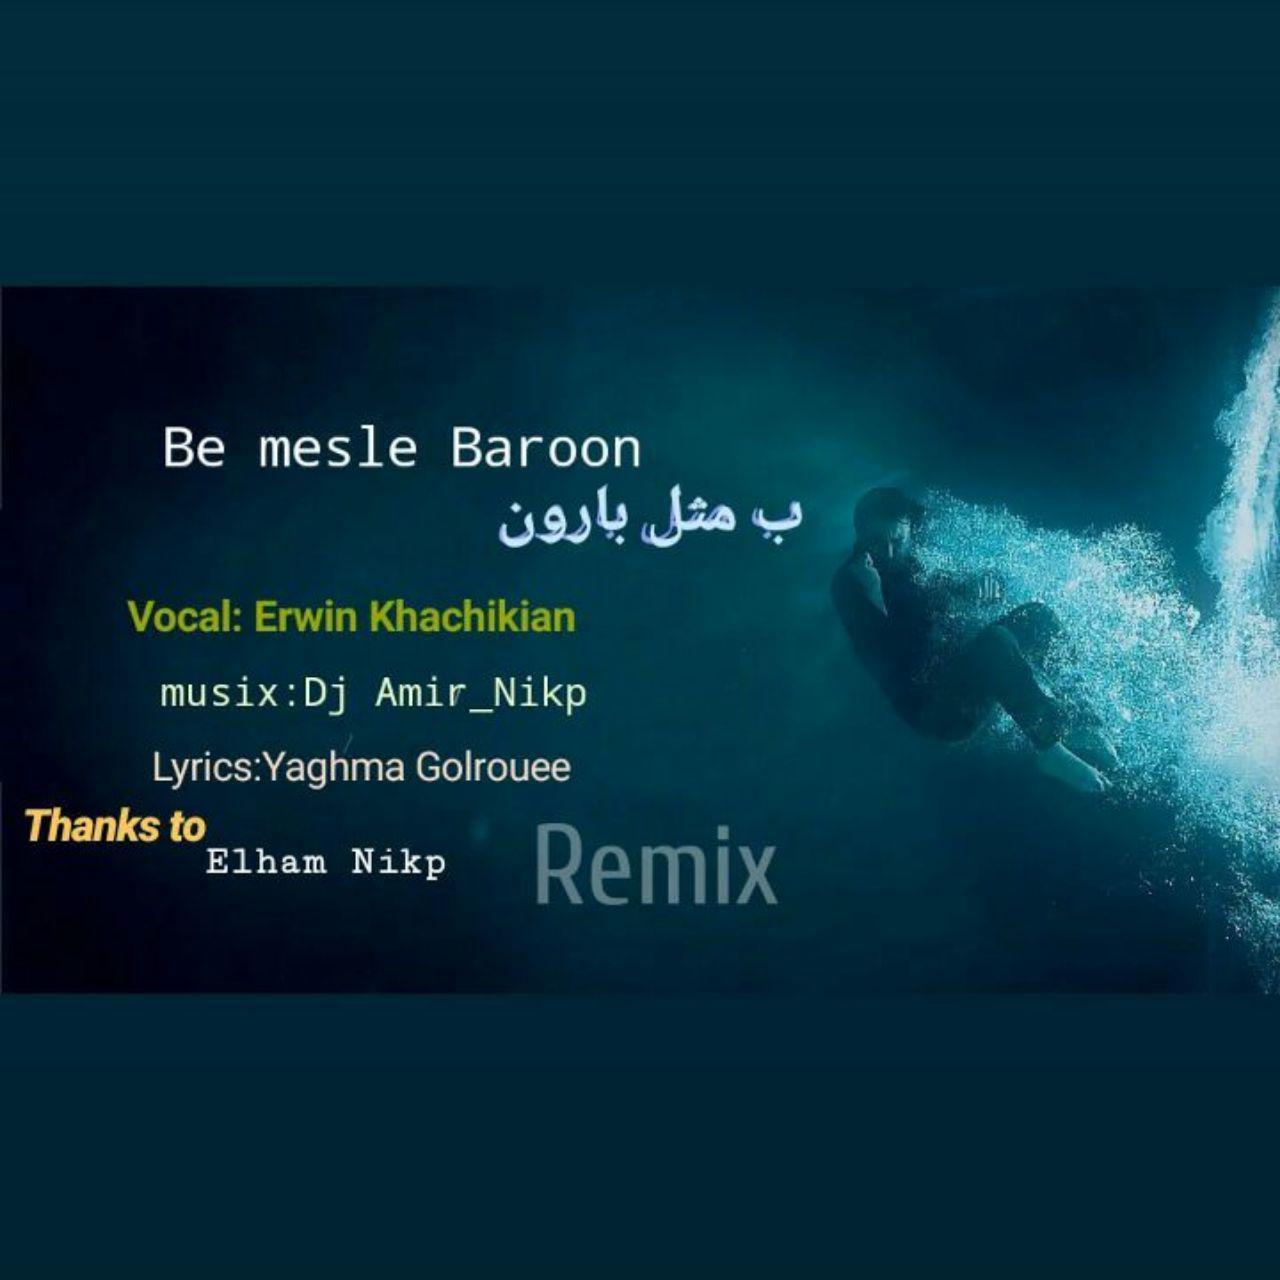 دانلود آهنگ جدید اروین خاچیکیان ب مثل بارون (ریمیکس DJ Amir Nikp)